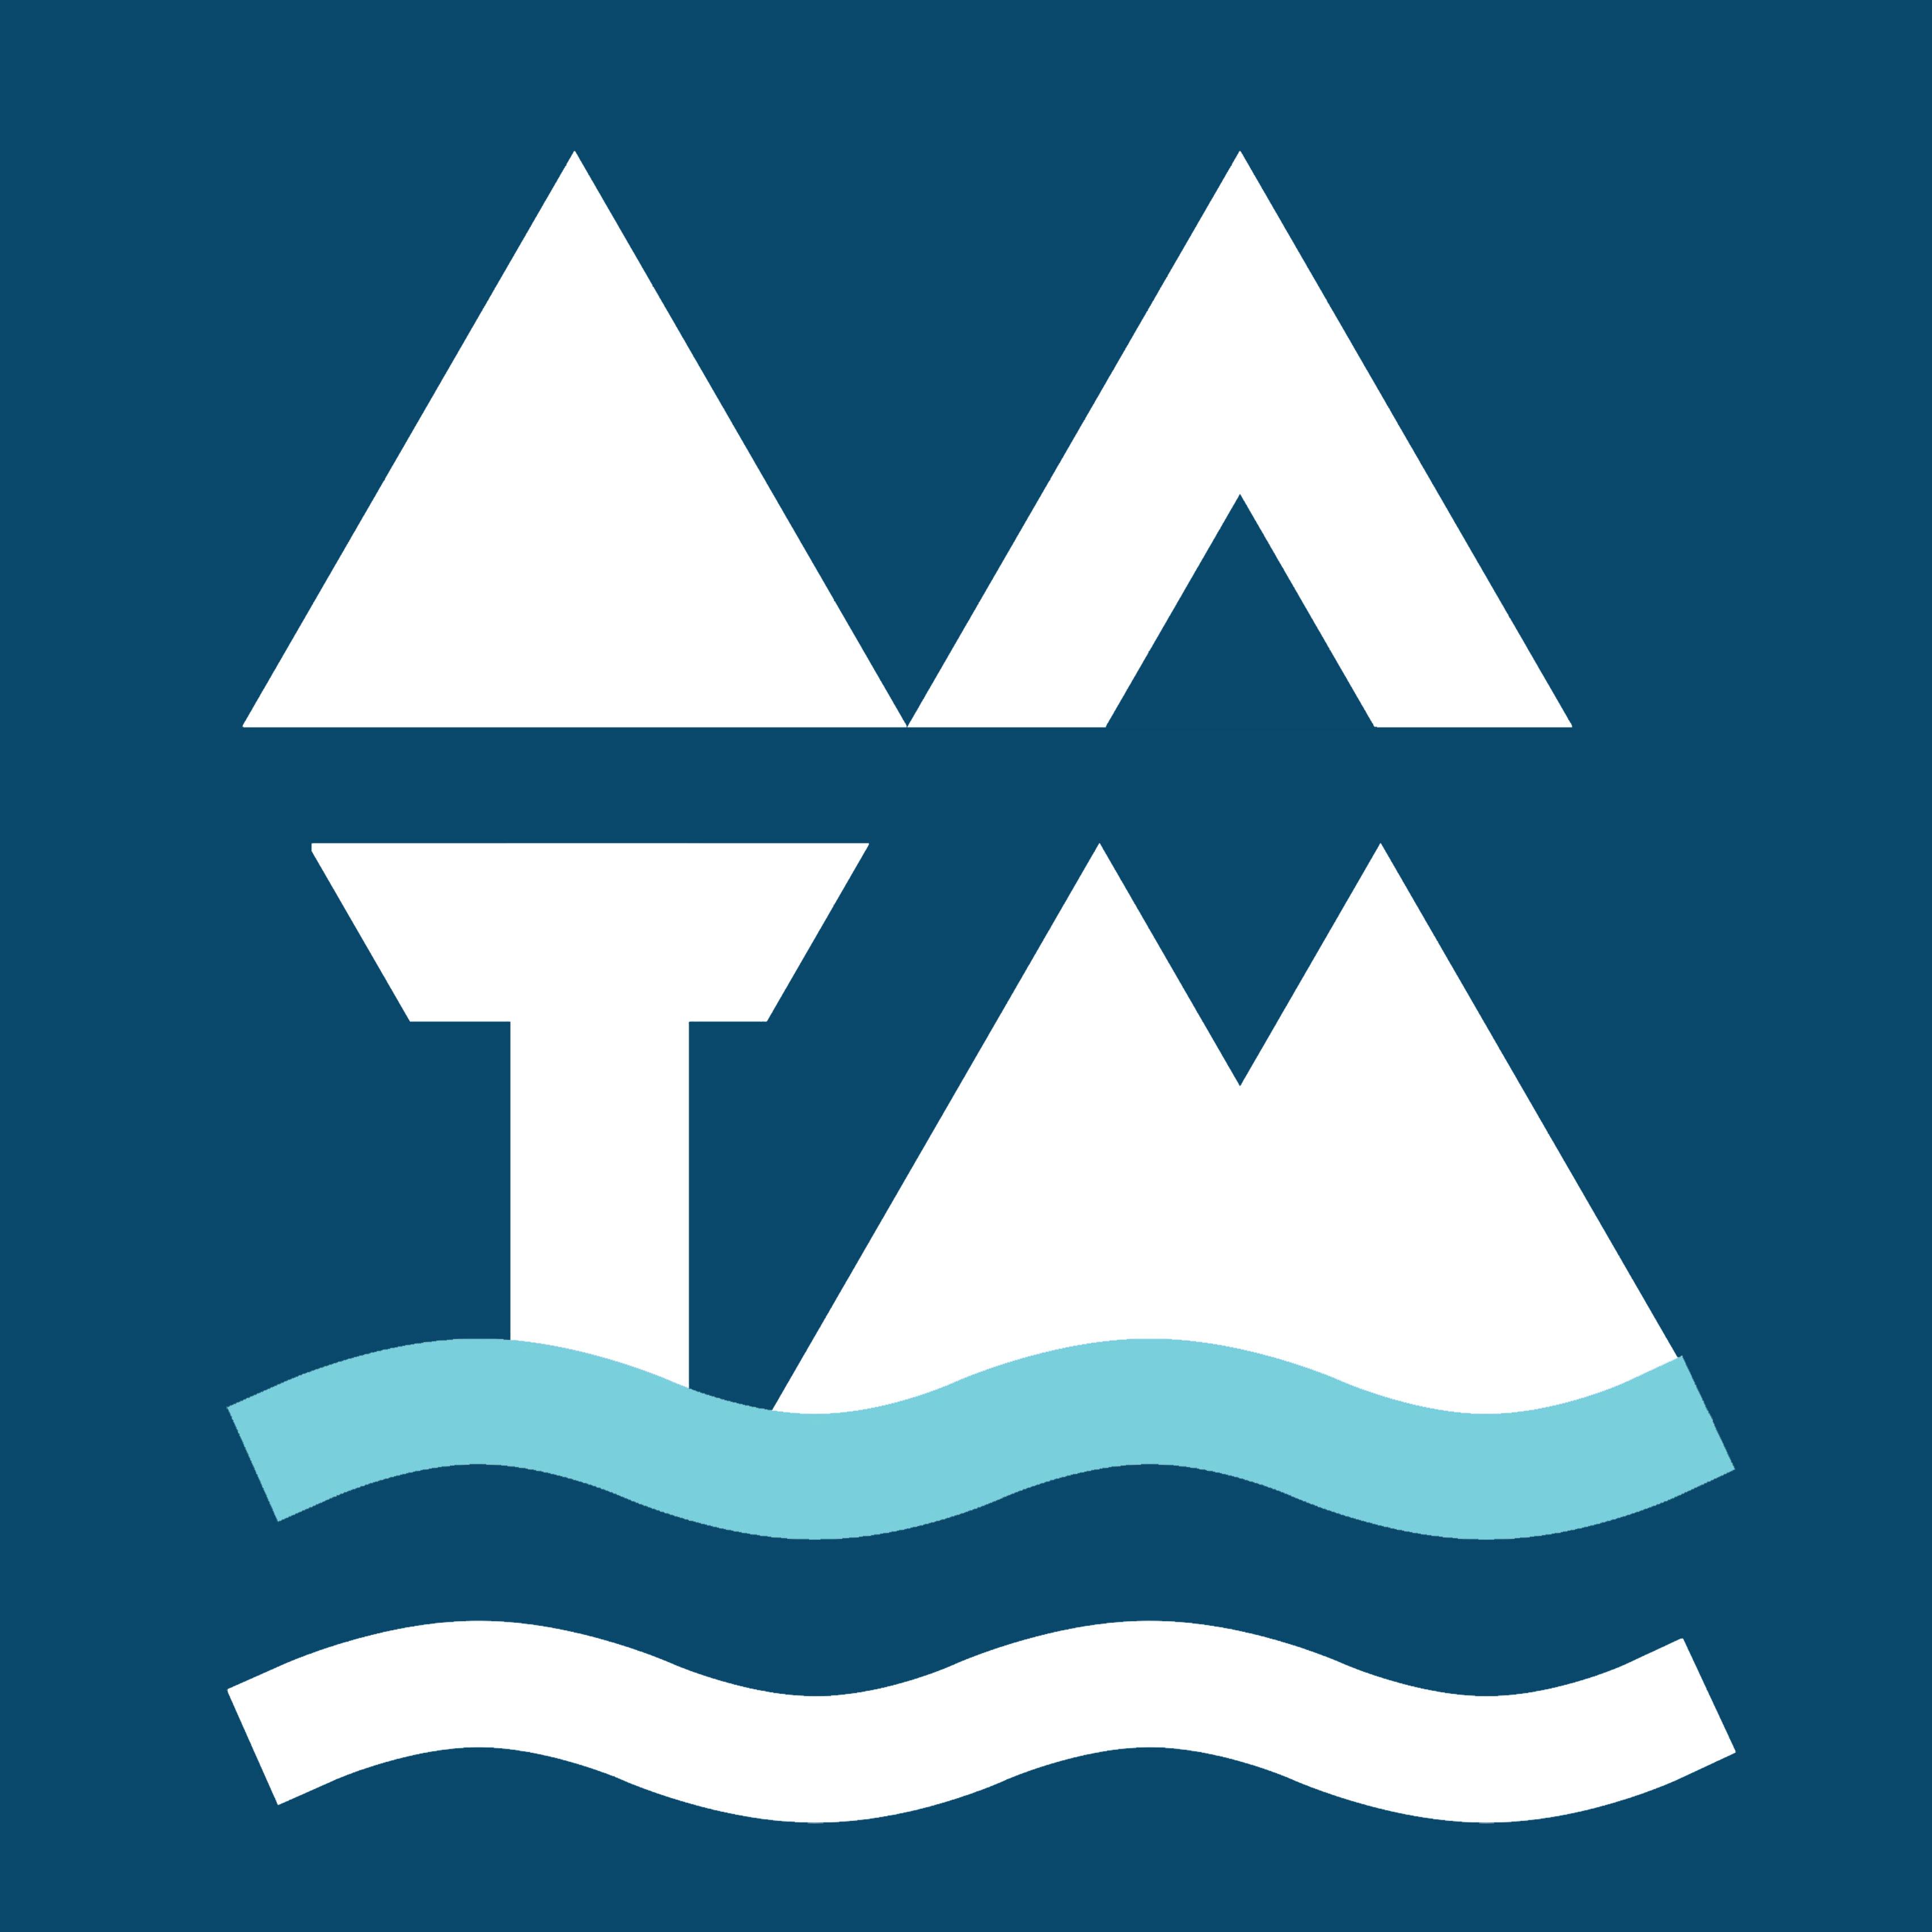 """Πρόσκληση Συνεδρίασης Ν.Π.Δ.Δ. """"Δημοτικό Λιμενικό Ταμείο Μαρκοπούλου Μεσογαίας"""" 27-4-2021"""